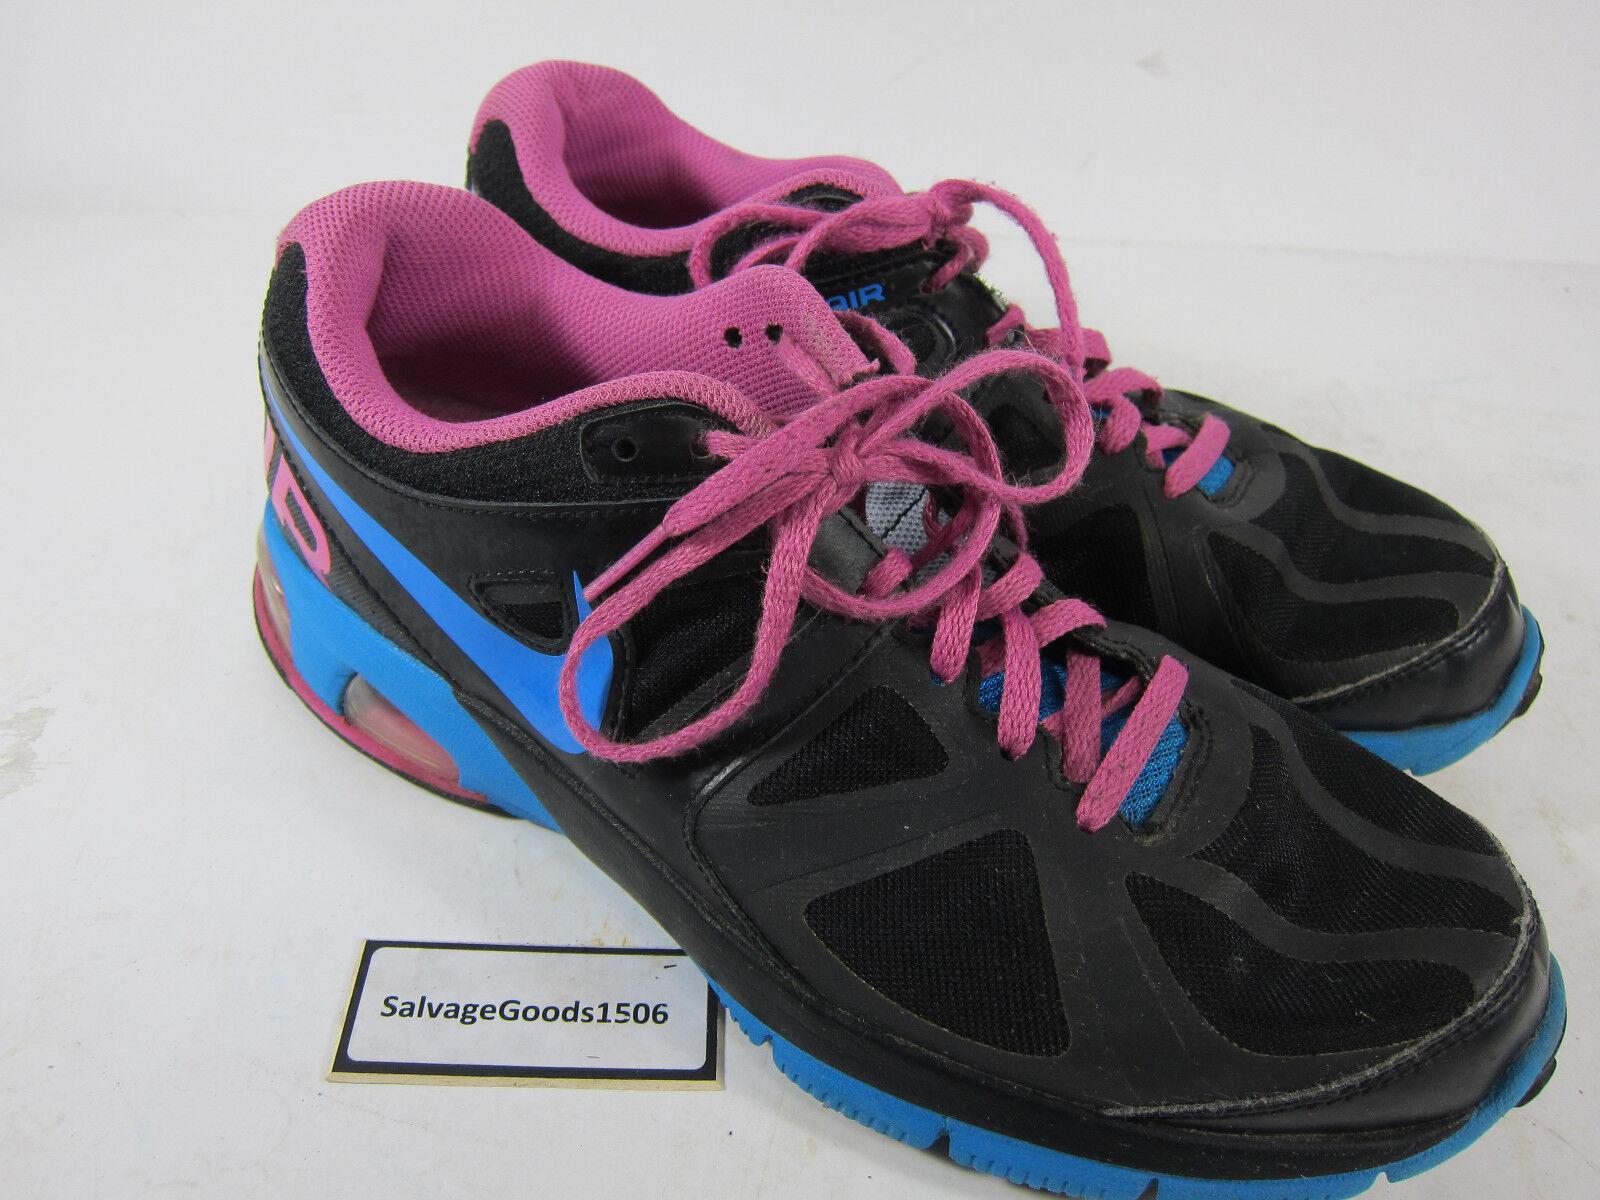 Nike air - lite 4 donne max scarpe da corsa sz.11 viola   blu   nero 554894-008 | Di Alta Qualità Ed Economico  | Uomo/Donne Scarpa